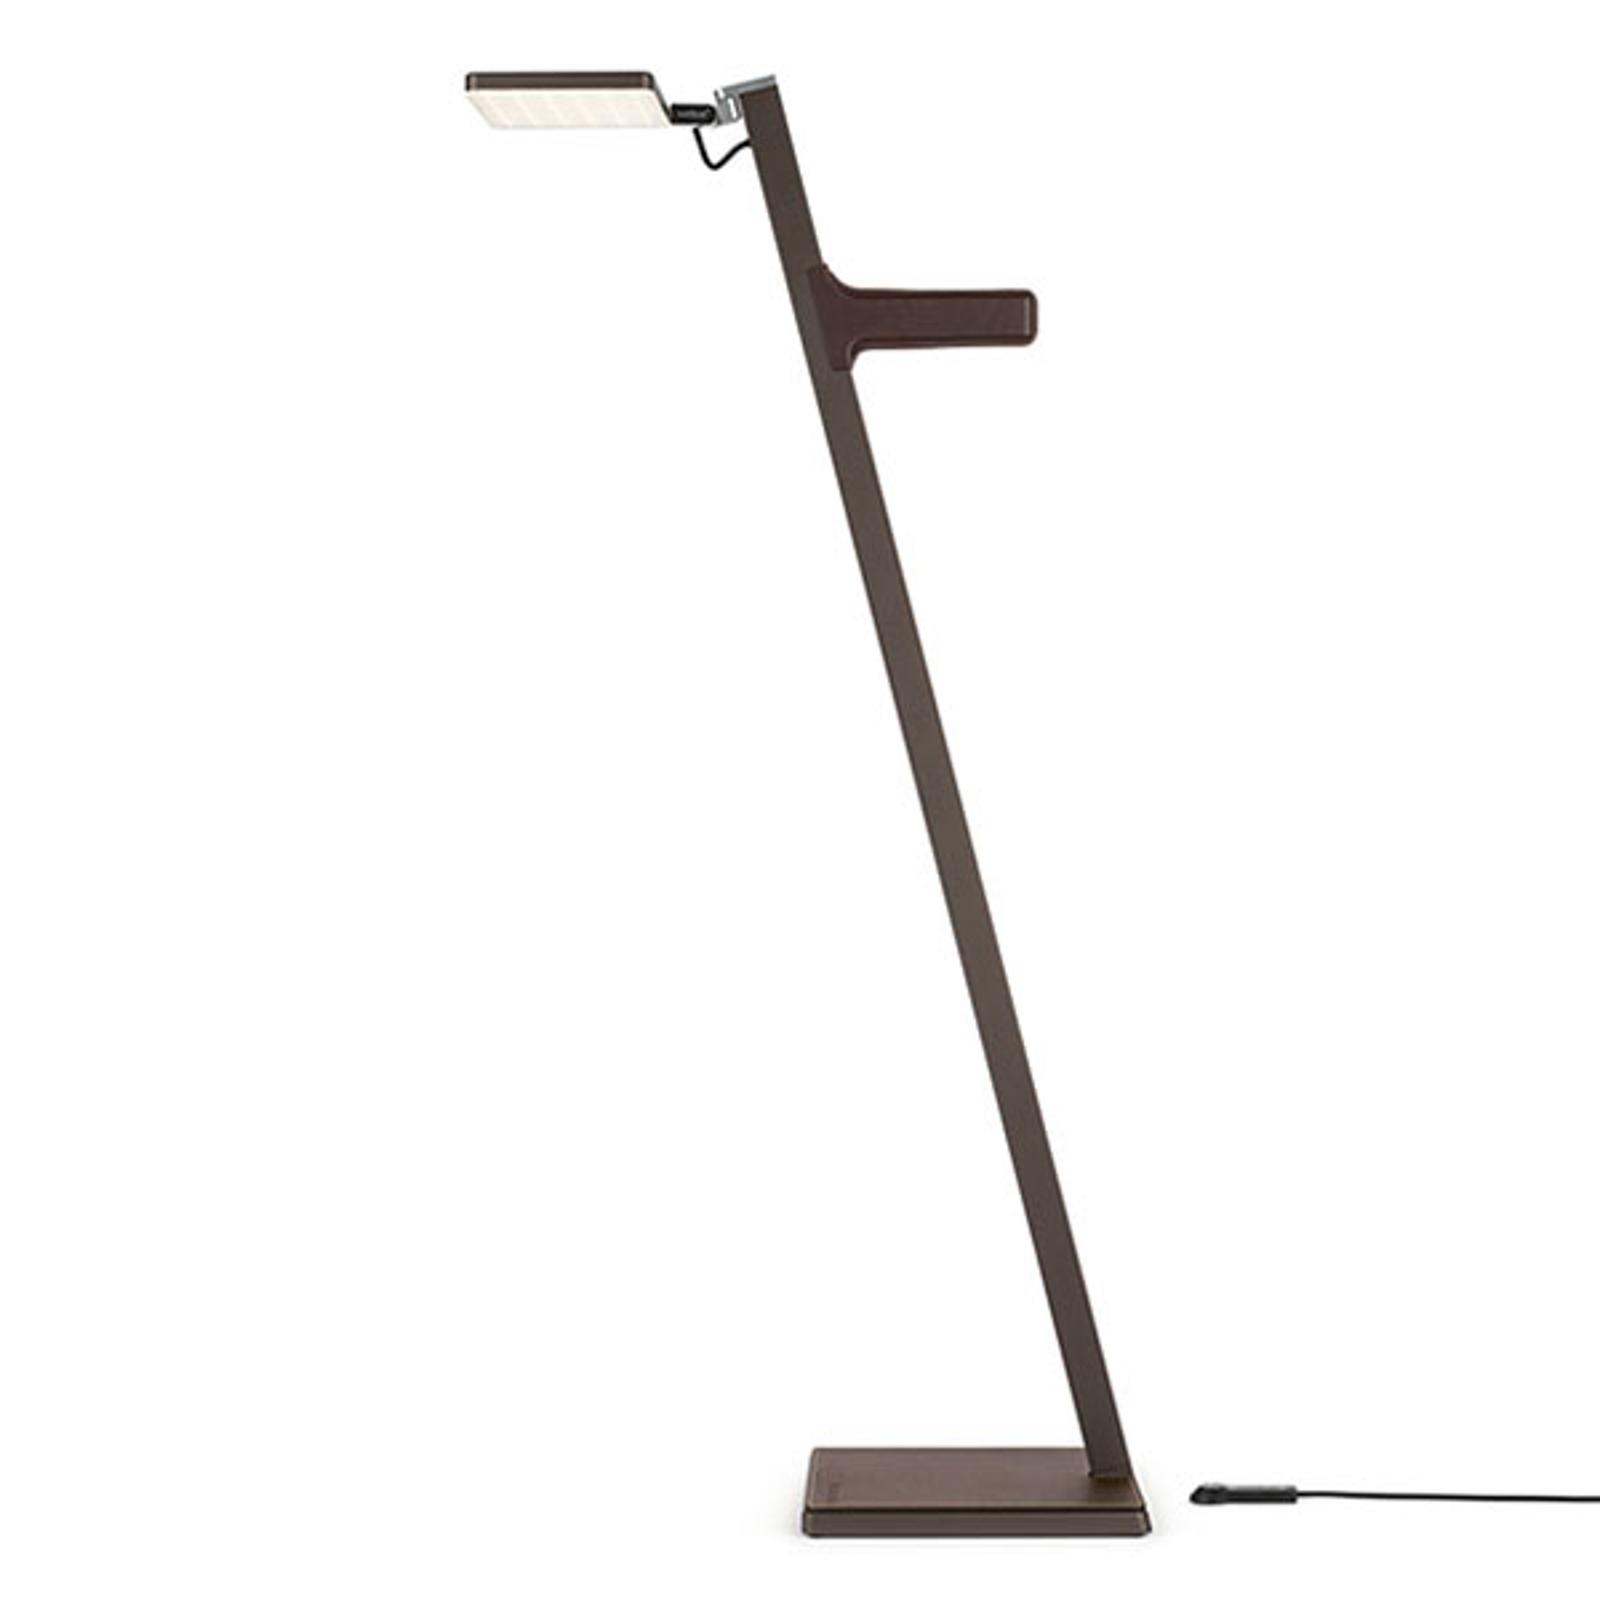 Nimbus Roxxane Leggera Walter Knoll floor lamp_7018067_1